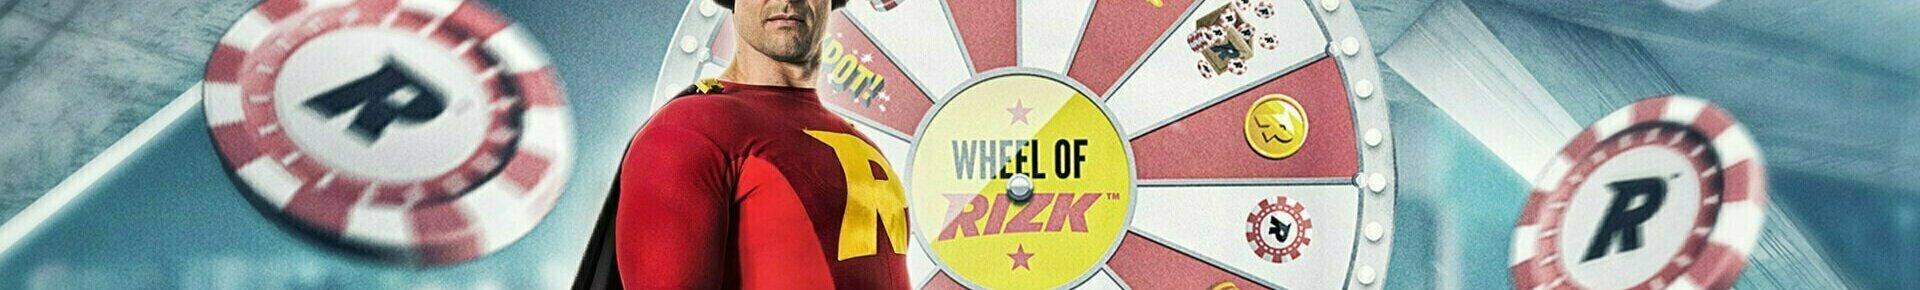 Rizk casino review CA